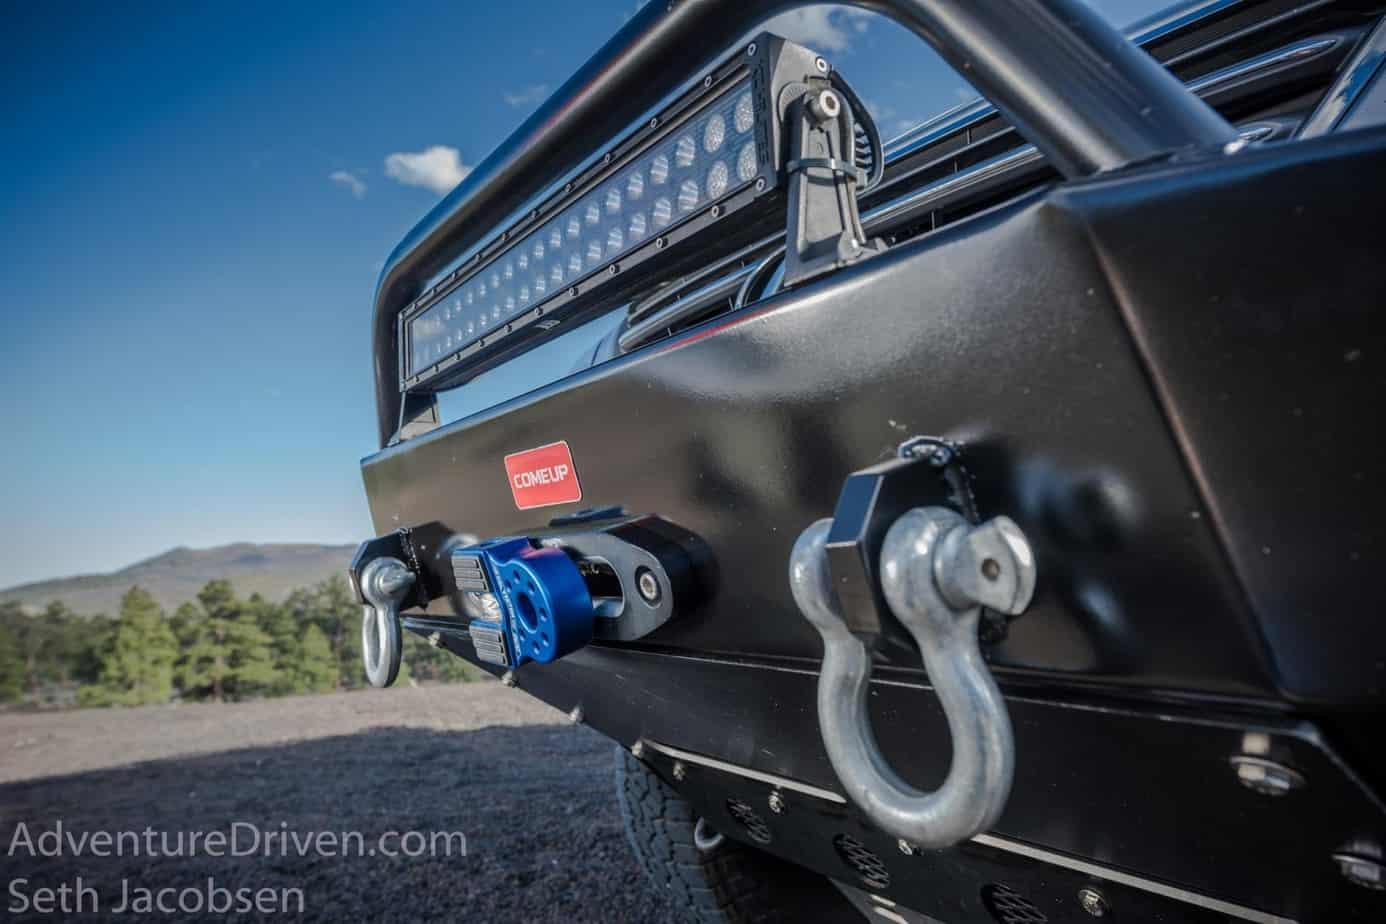 Adventure Driven Lexy Factor 55 Comeup-1 (Copy)